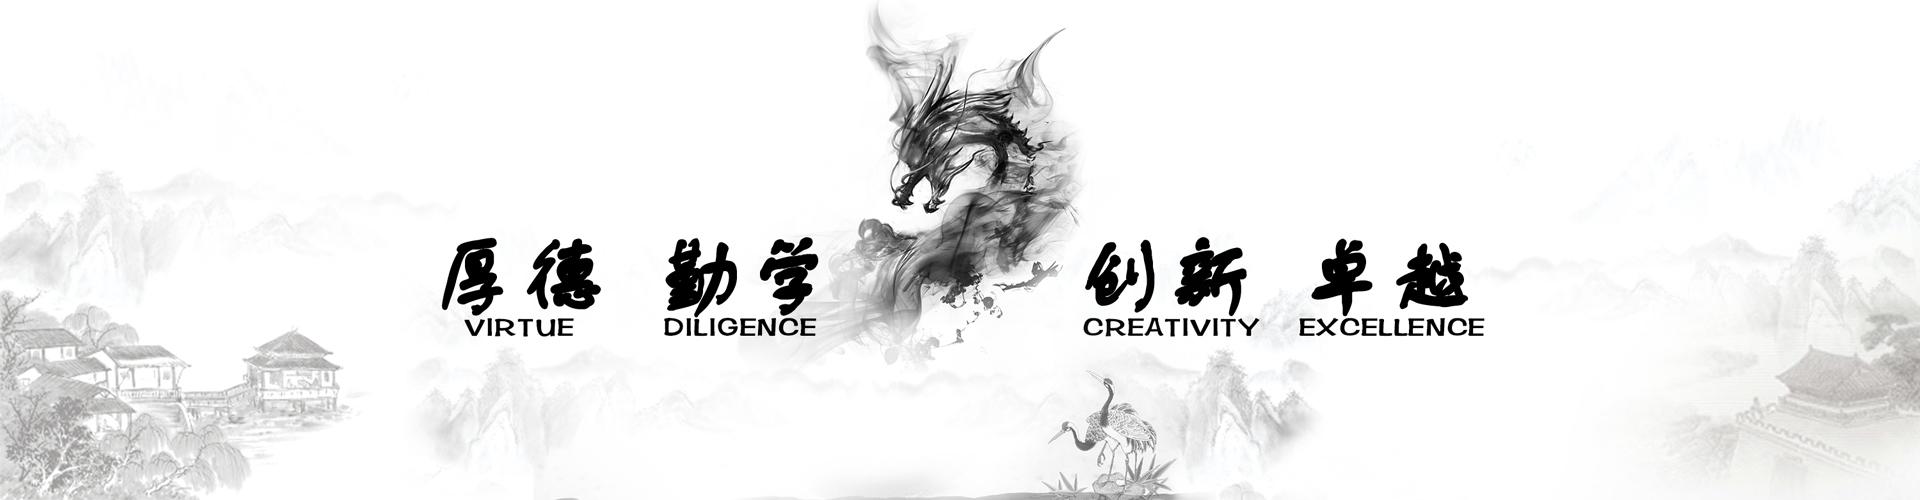 成(cheng)都ji)惺shi)驗外國語學校校訓:厚德博學進取(qu)卓越